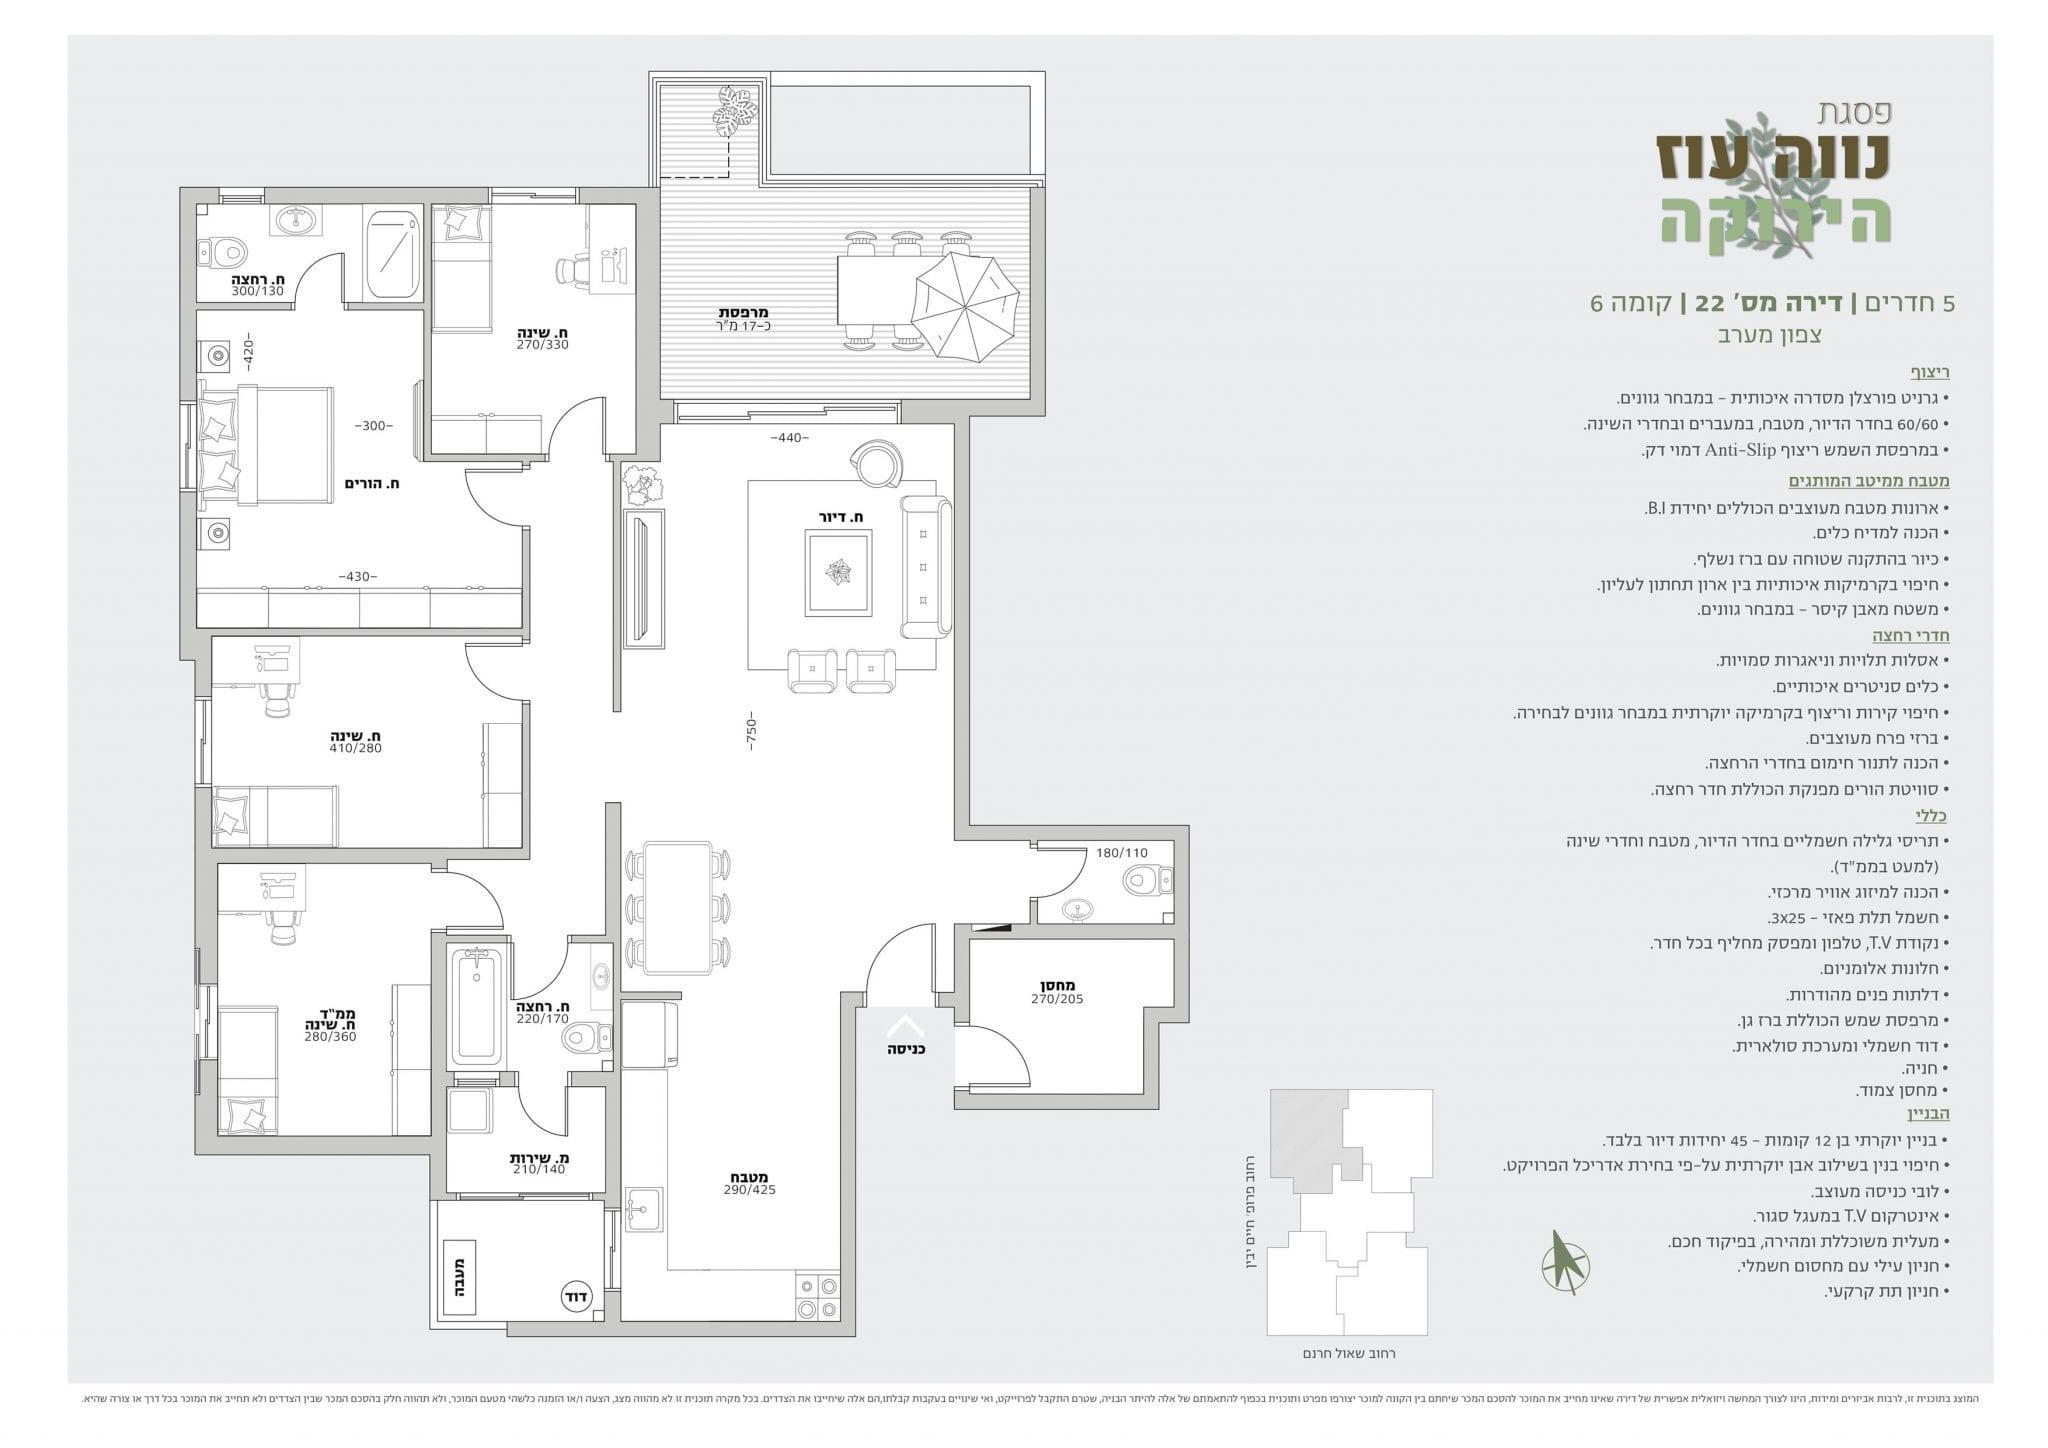 דירת 5 חדרים מספר 22